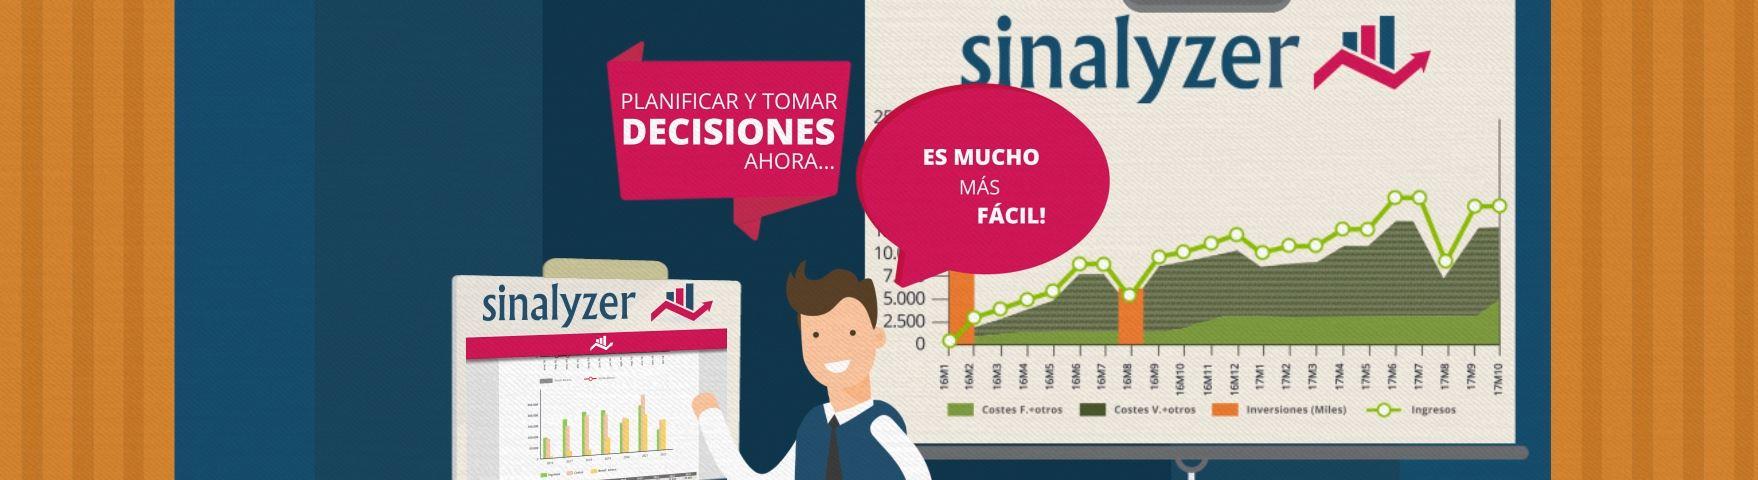 SINALYZER, una herramienta que permite hacer proyecciones económicas de una empresa en 4 horas